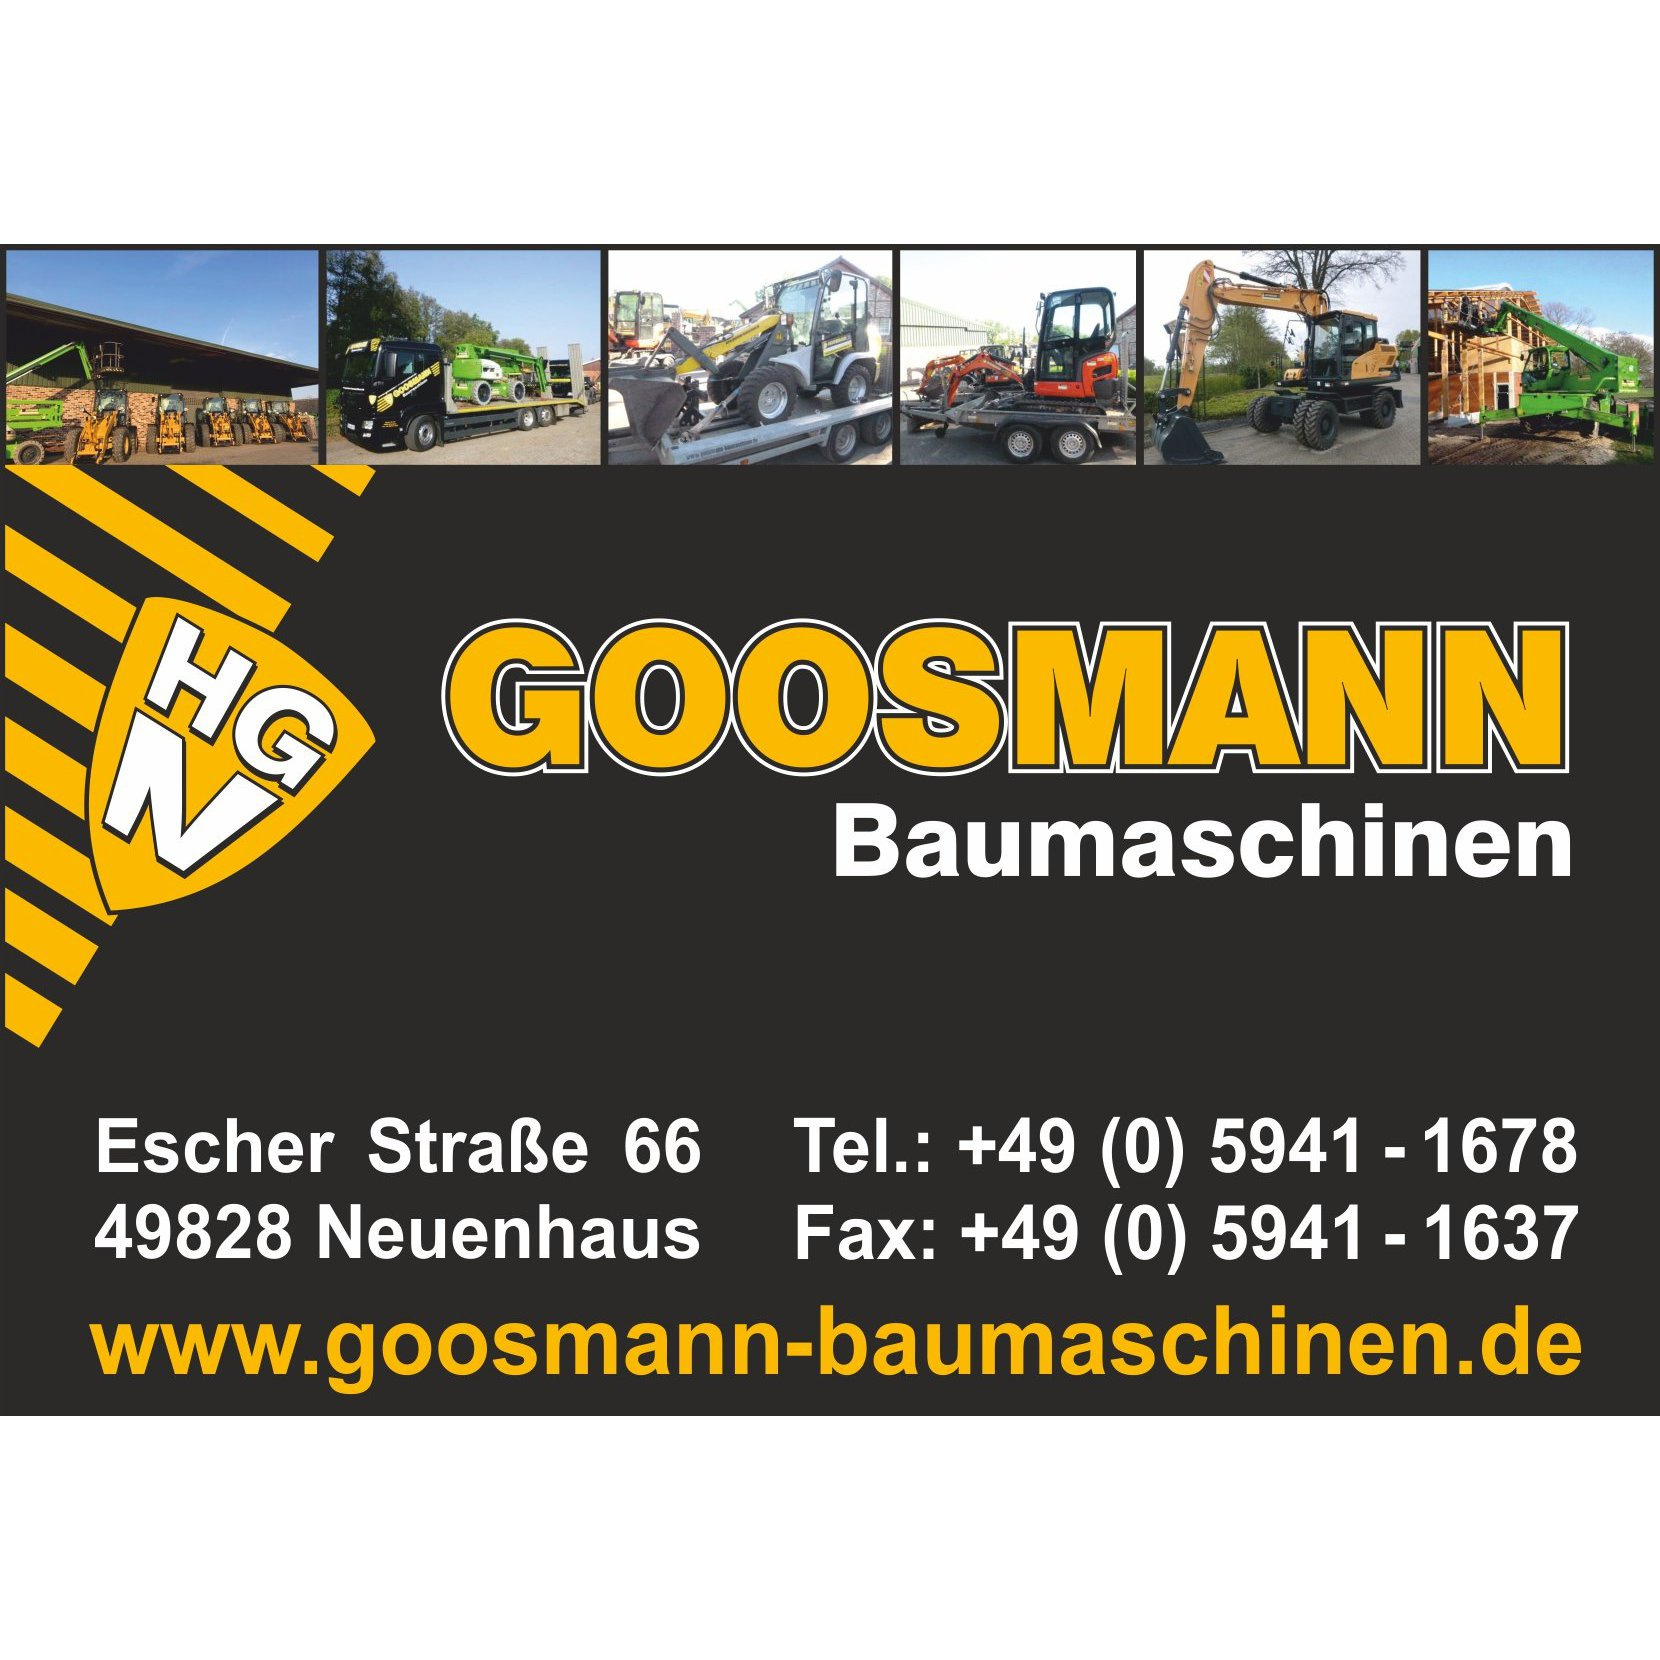 Bild zu Goosmann Baumaschinen GmbH in Neuenhaus Dinkel